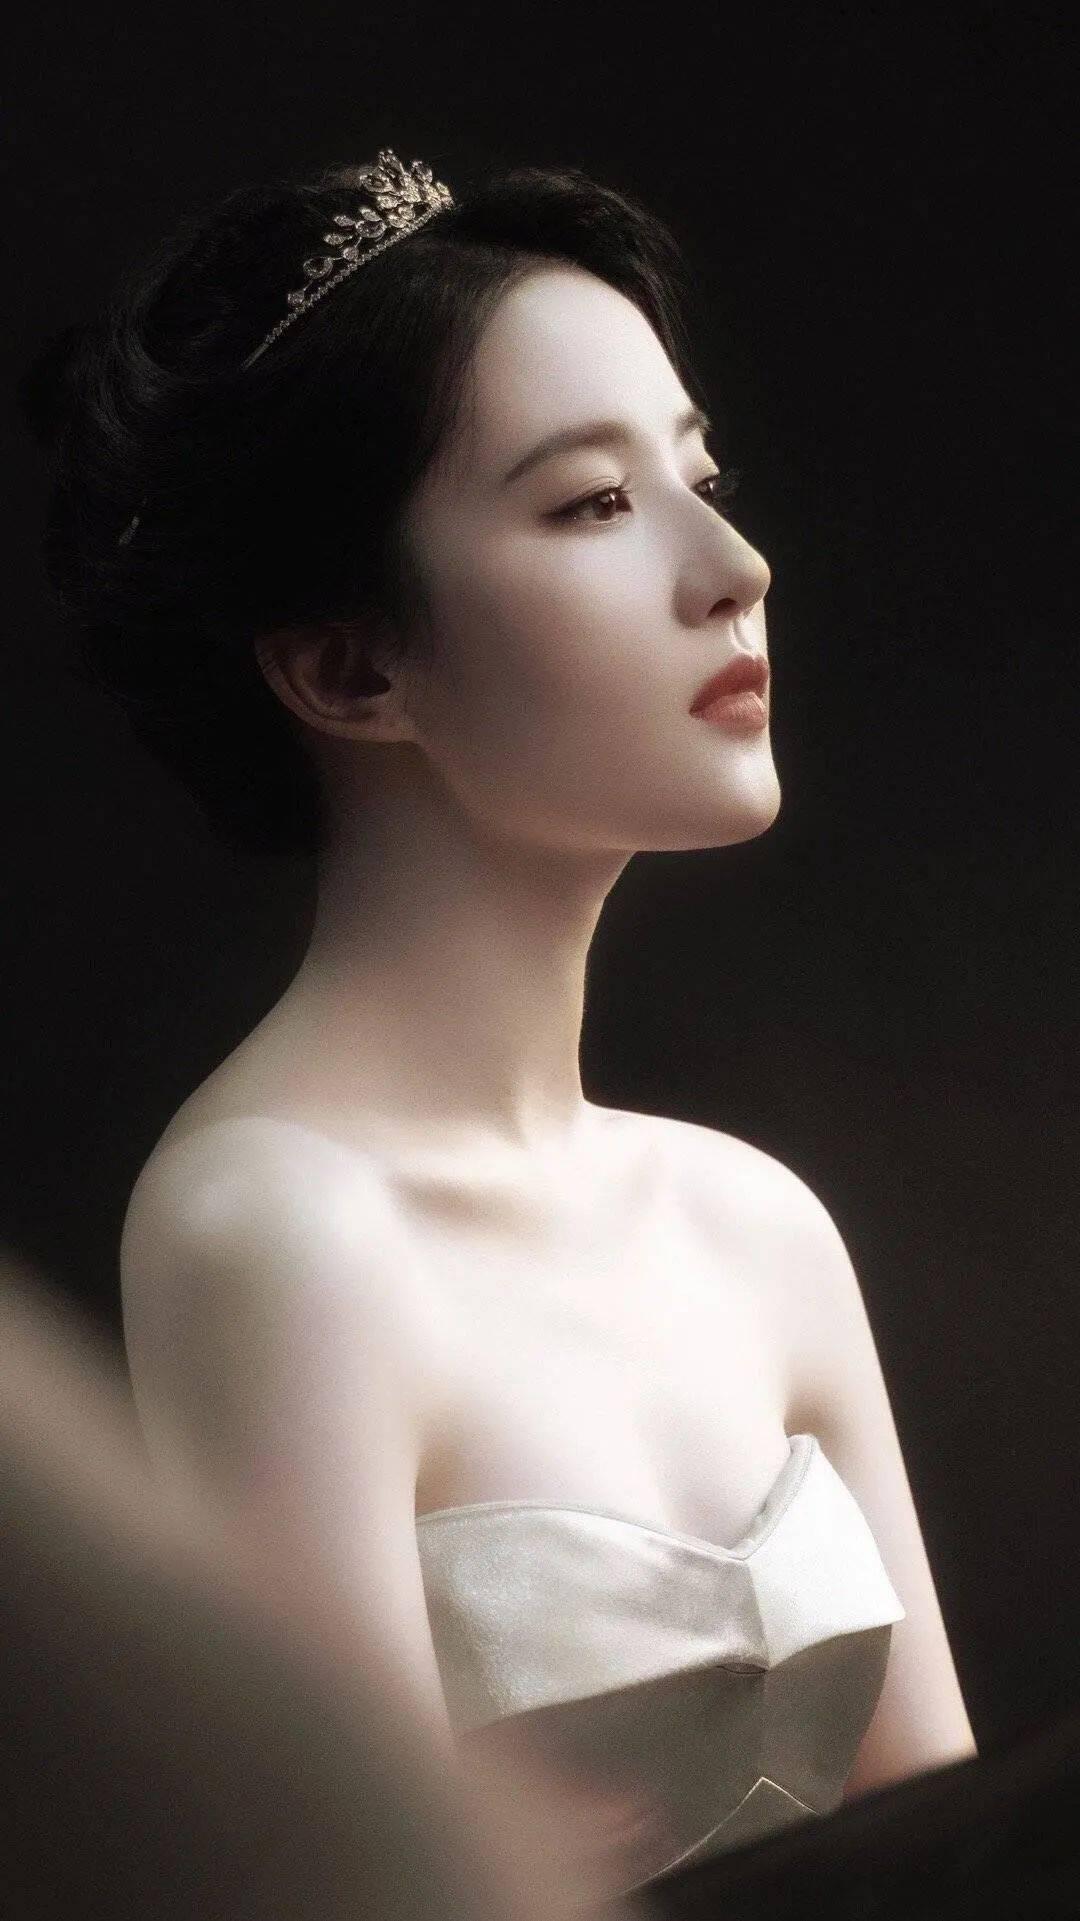 刘亦菲天鹅颈太吸睛,盛世美颜的神仙姐姐还有多少我们不知道的秘密?